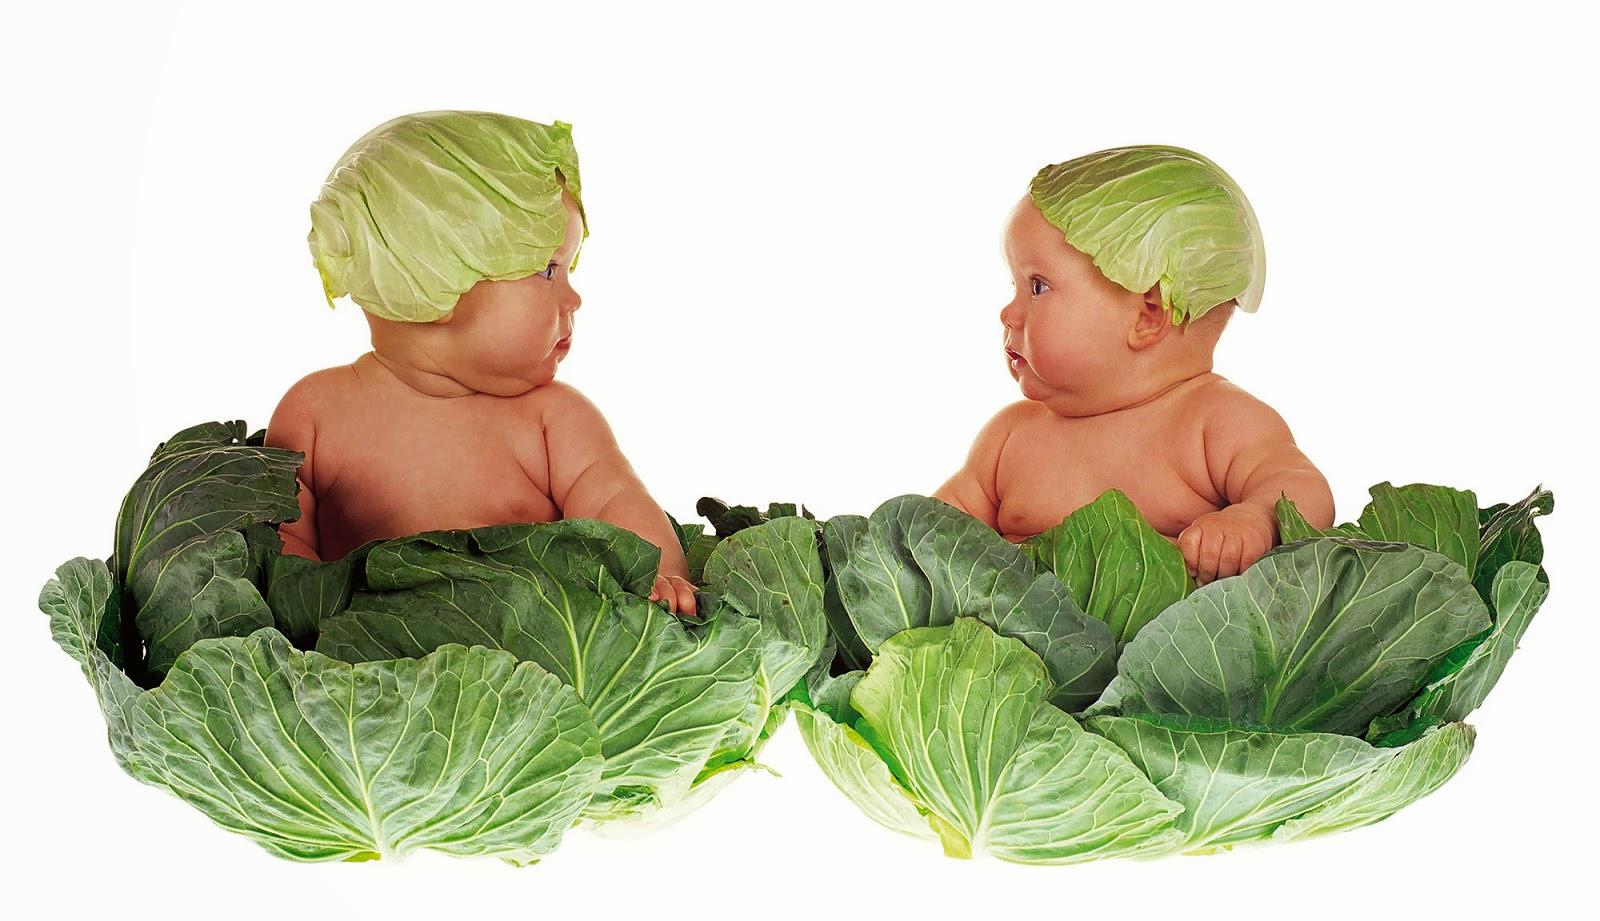 Svezzamento vegetariano: schema, tabella, pro e contro